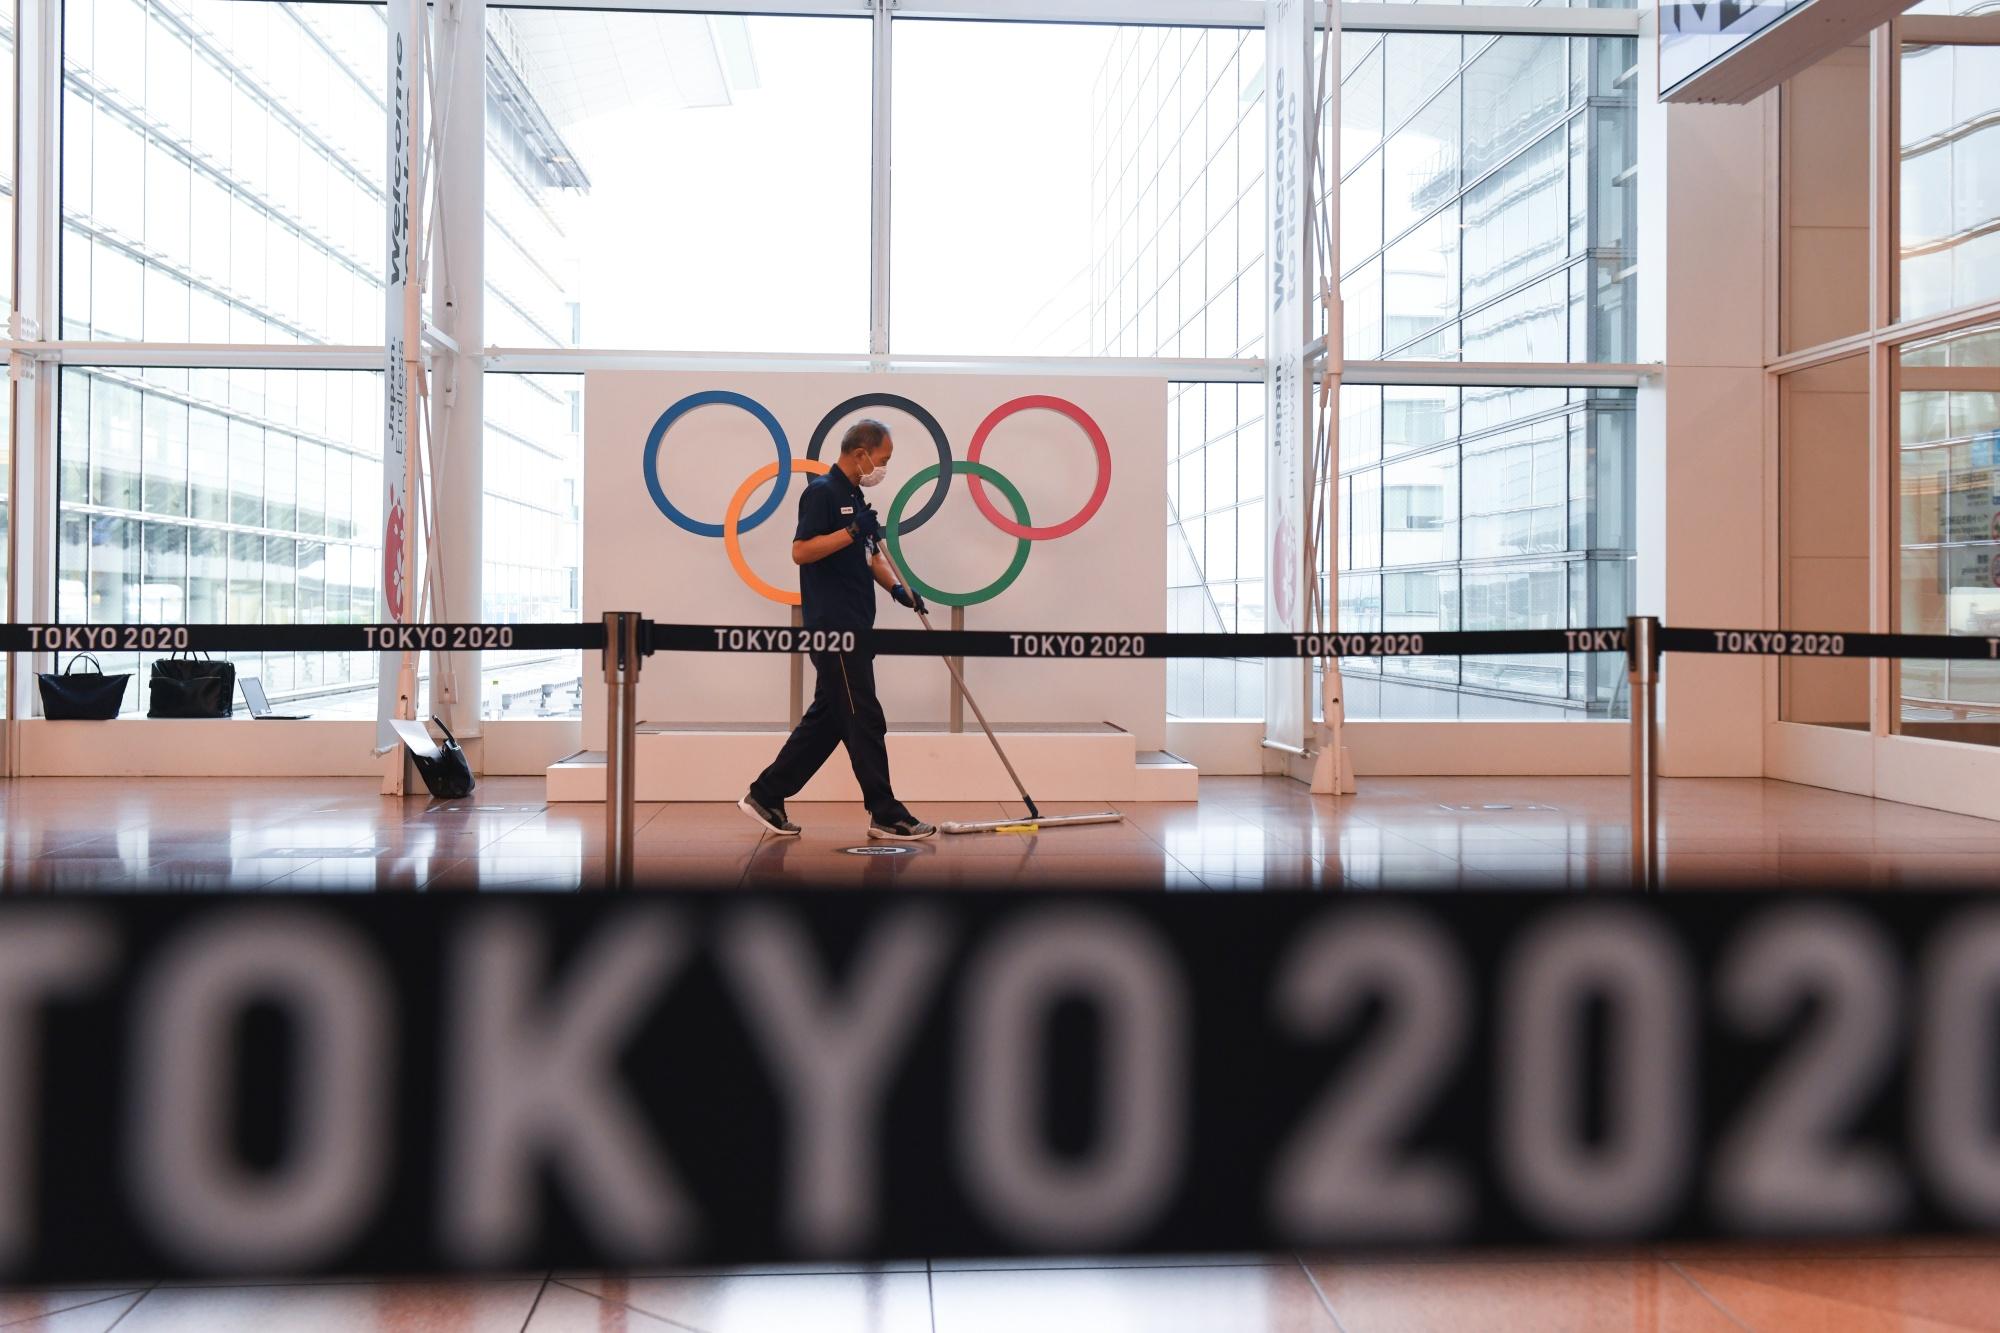 Sedes olímpicas desde que Japón ha aceptado los juegos sin fanáticos en un intento por controlar el virus